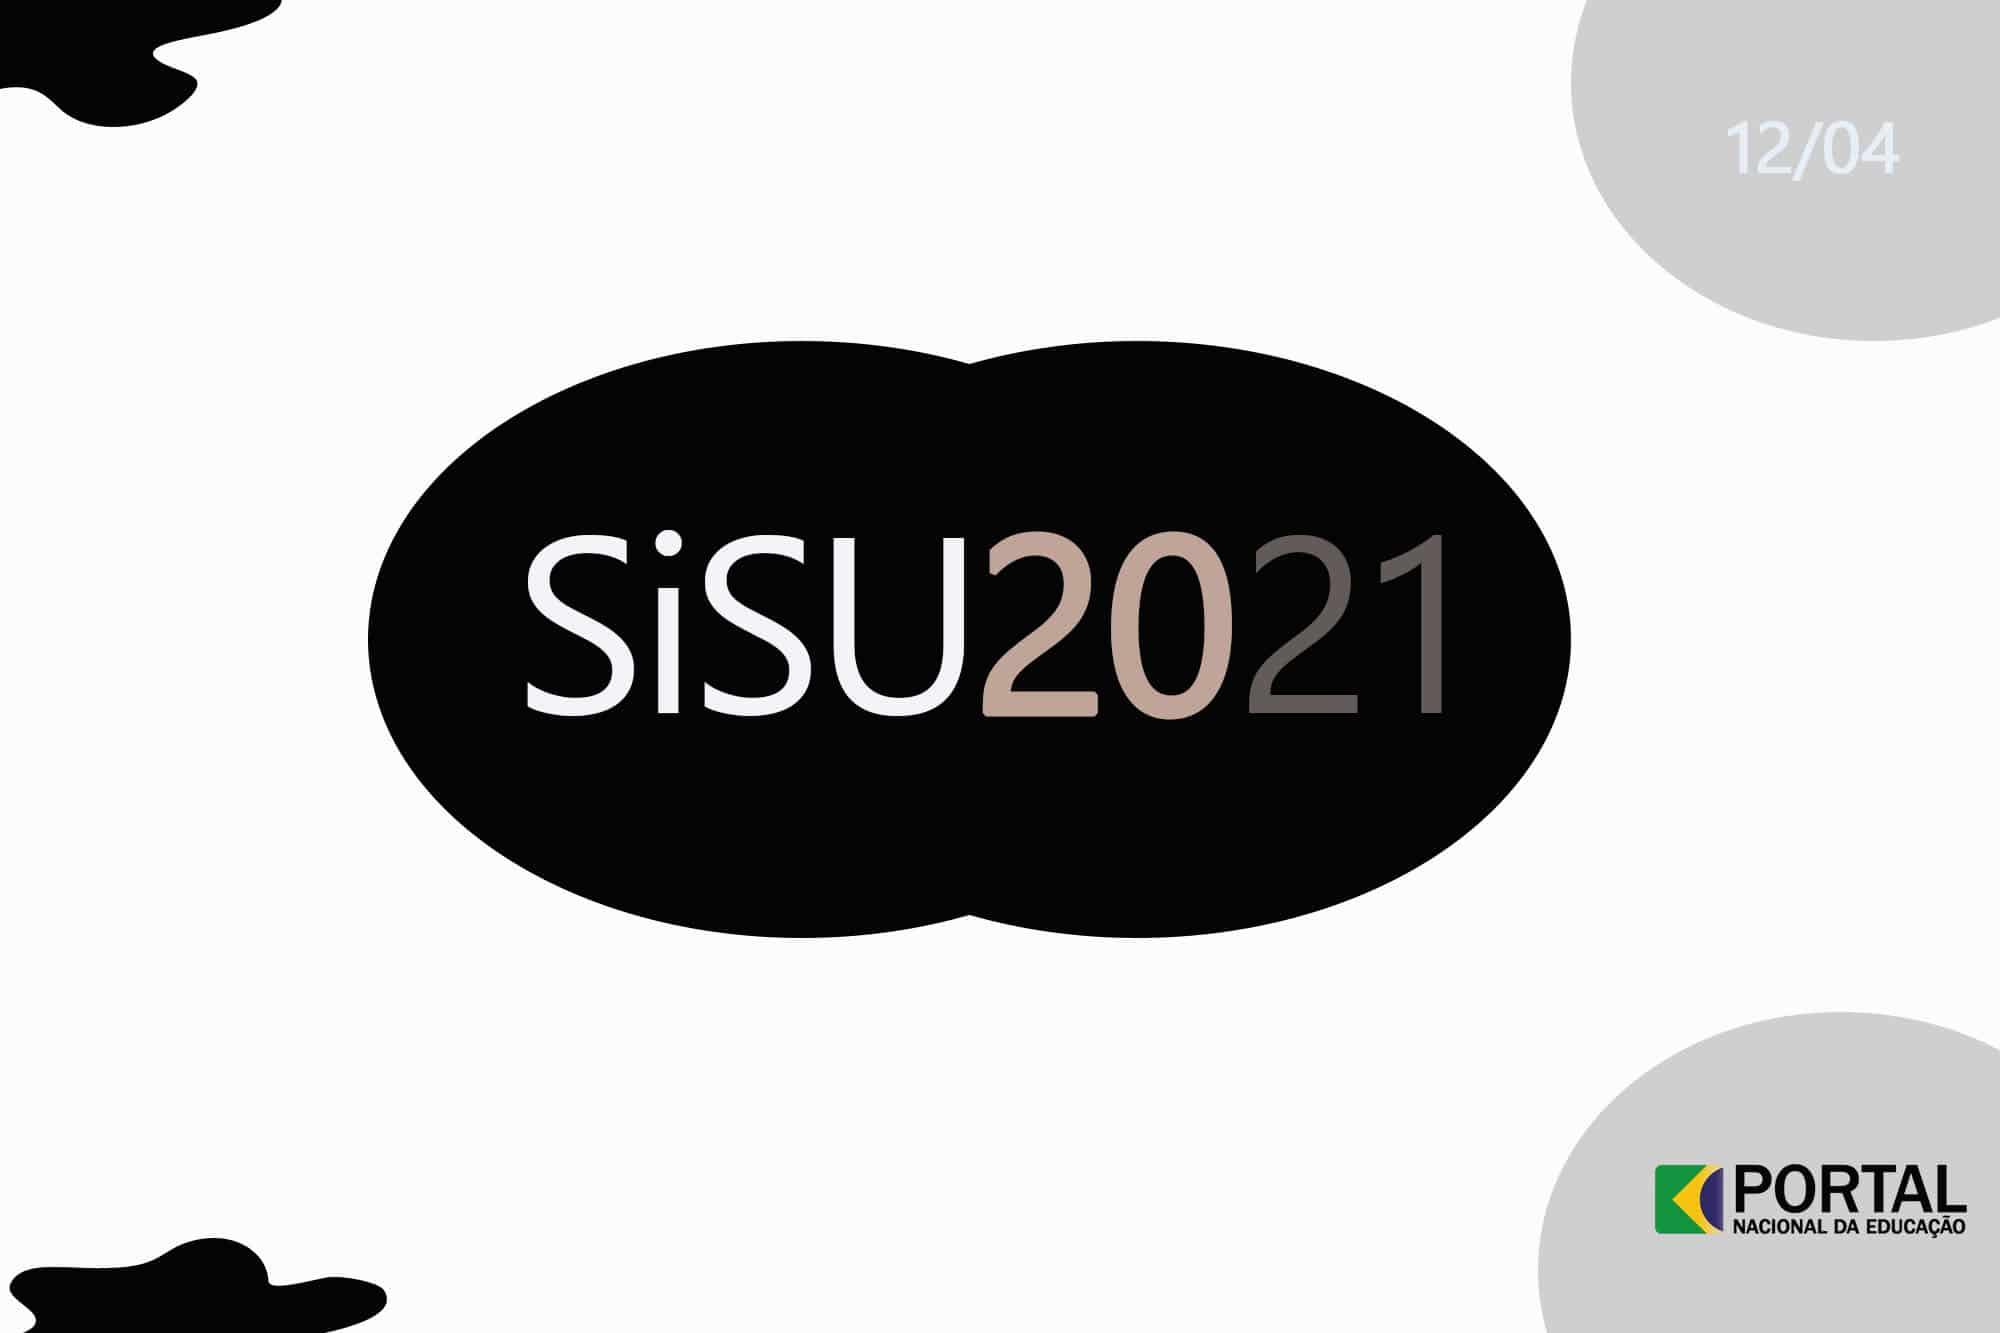 Como realizar matrícula nos cursos do SISU 2021 em período de pandemia?